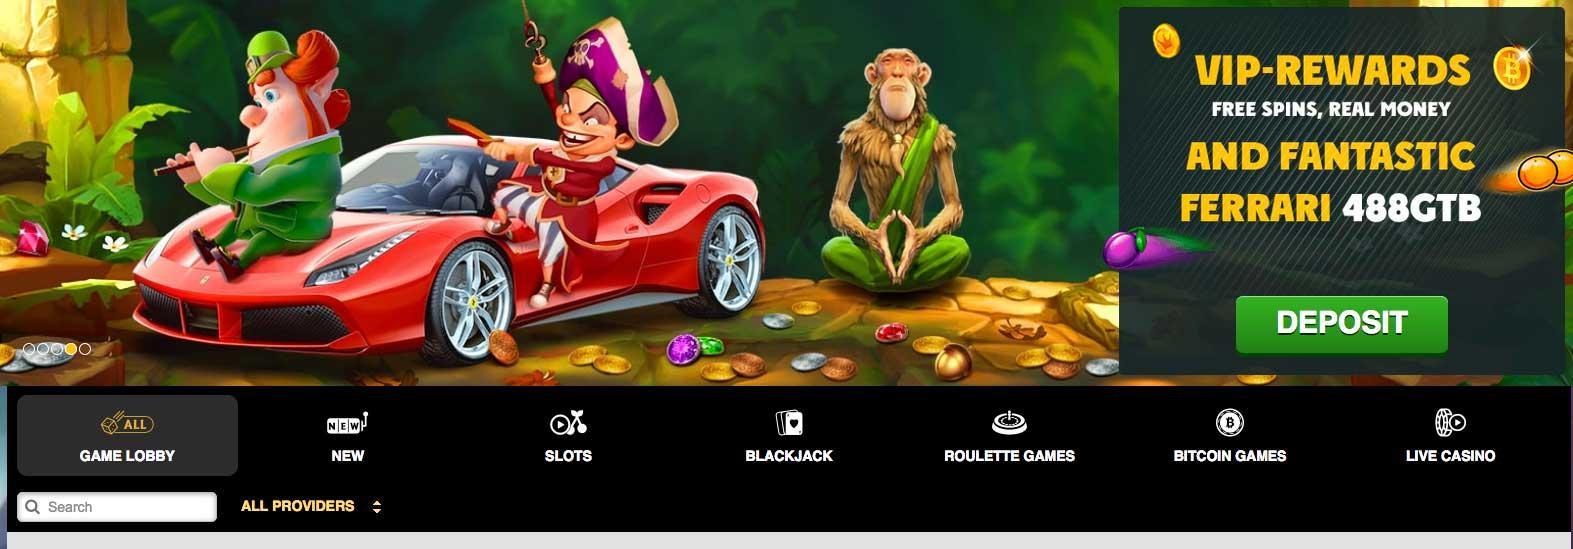 Online casino Playamo ve své vizuální podobě